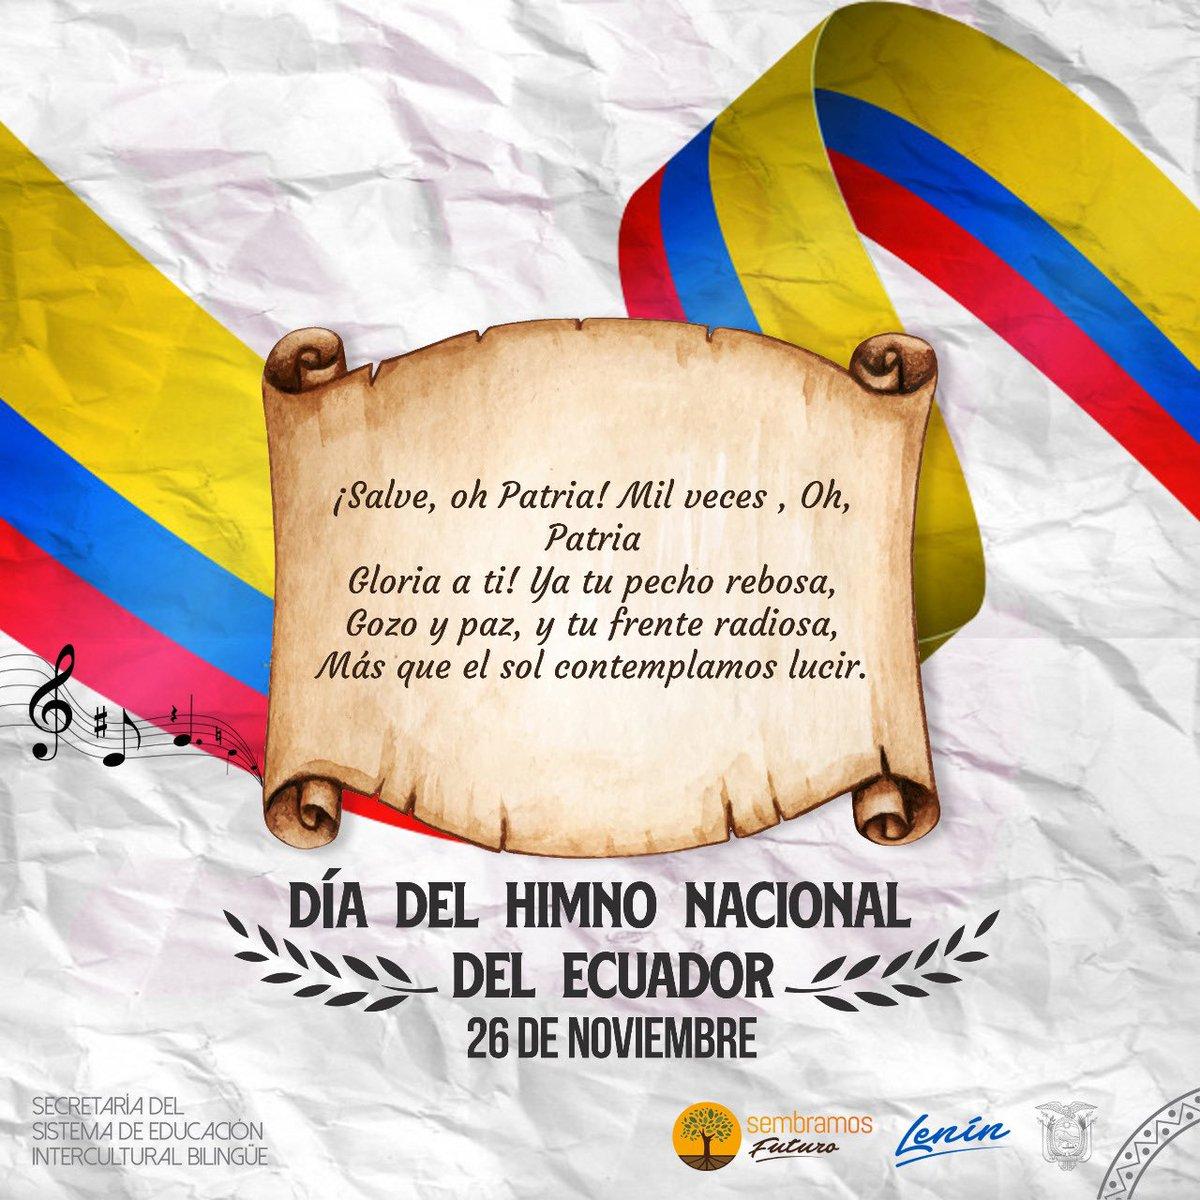 Este jueves 26 de noviembre se celebra el Día del Himno Nacional del Ecuador. Este símbolo patrio que nació de la mente y talento del poeta ambateño Juan León Mera Martínez (1832-1894) y el músico de origen francés Antonio Neumane Marno (1818-1871). https://t.co/L7FNJsjYpx